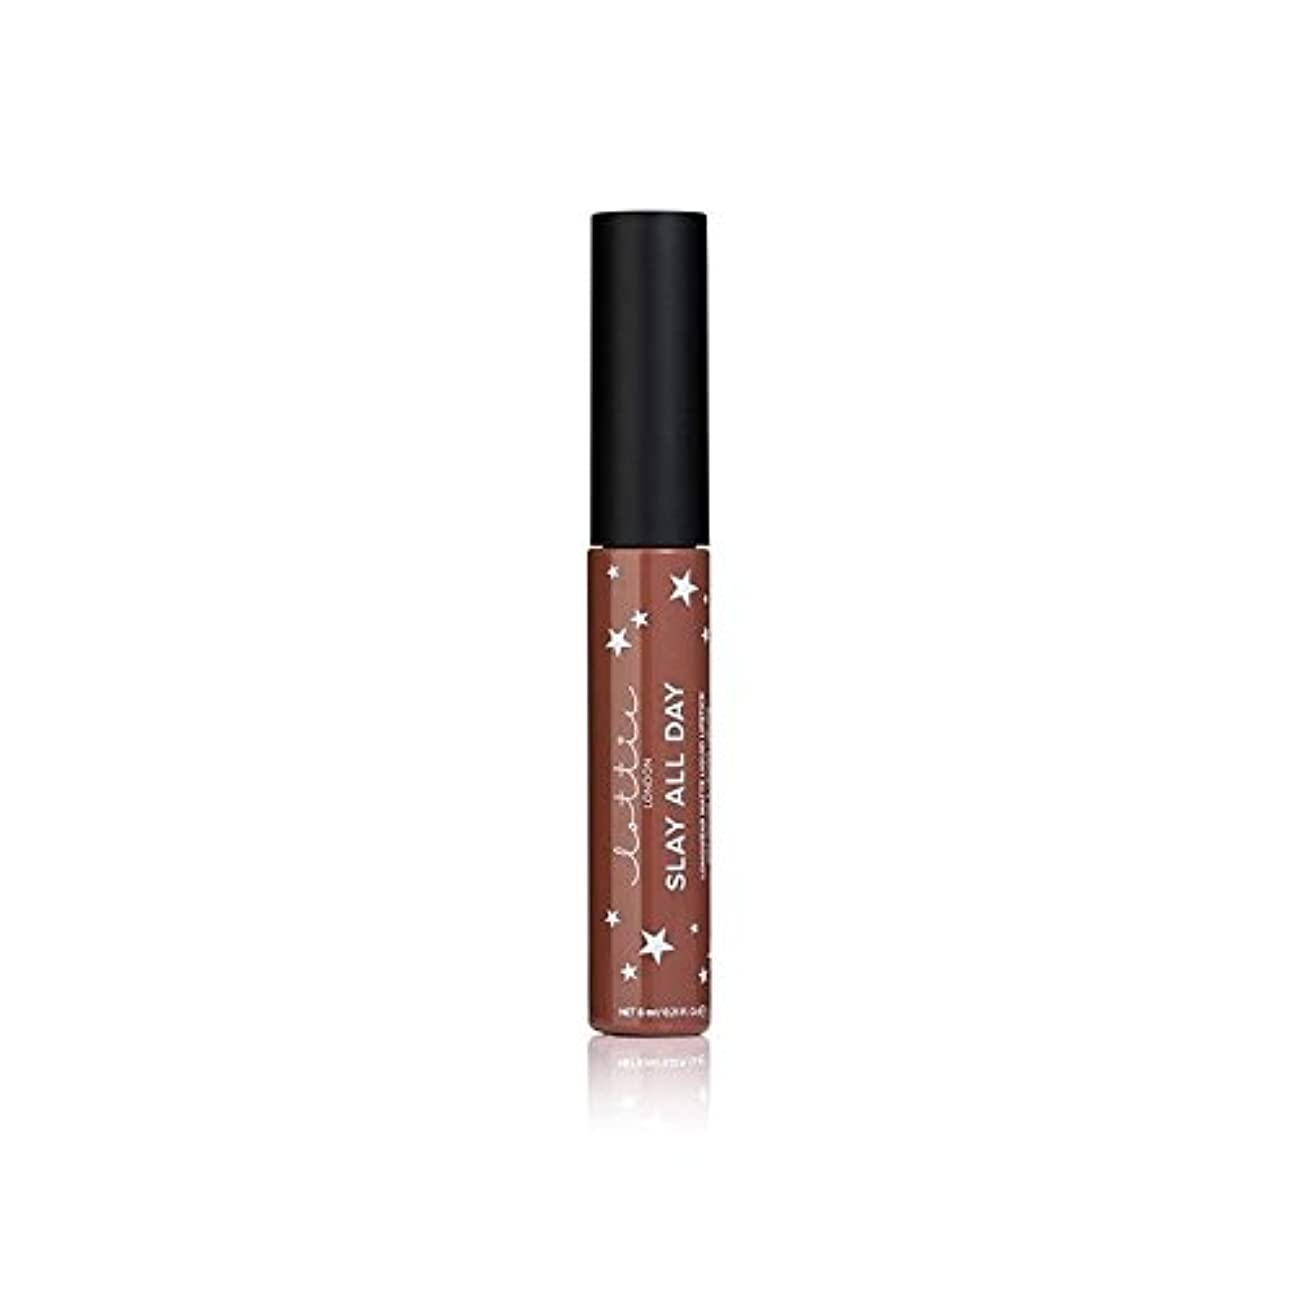 メディアラジエータータンザニアLottie London Matte Liquid Lipstick - Hey Bae (Pack of 6) - ロンドンマット液状口紅 - ちょっとペ x6 [並行輸入品]